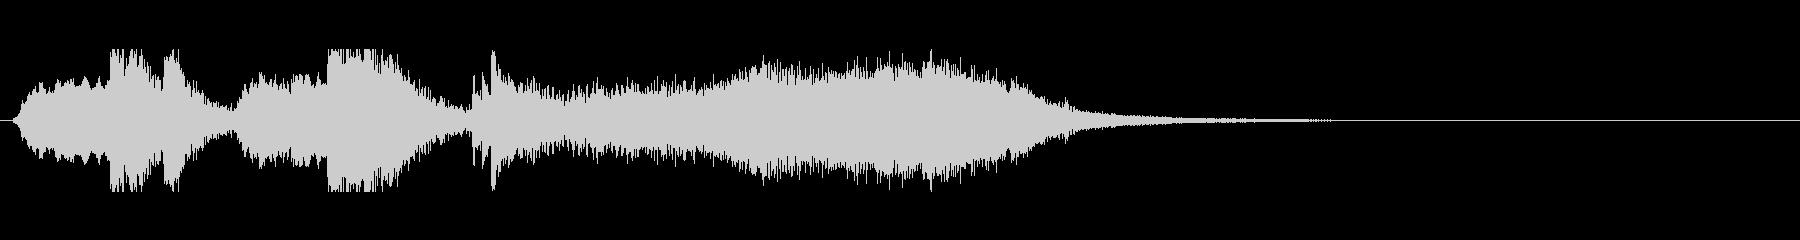 オーケストラ系ジングル01の未再生の波形